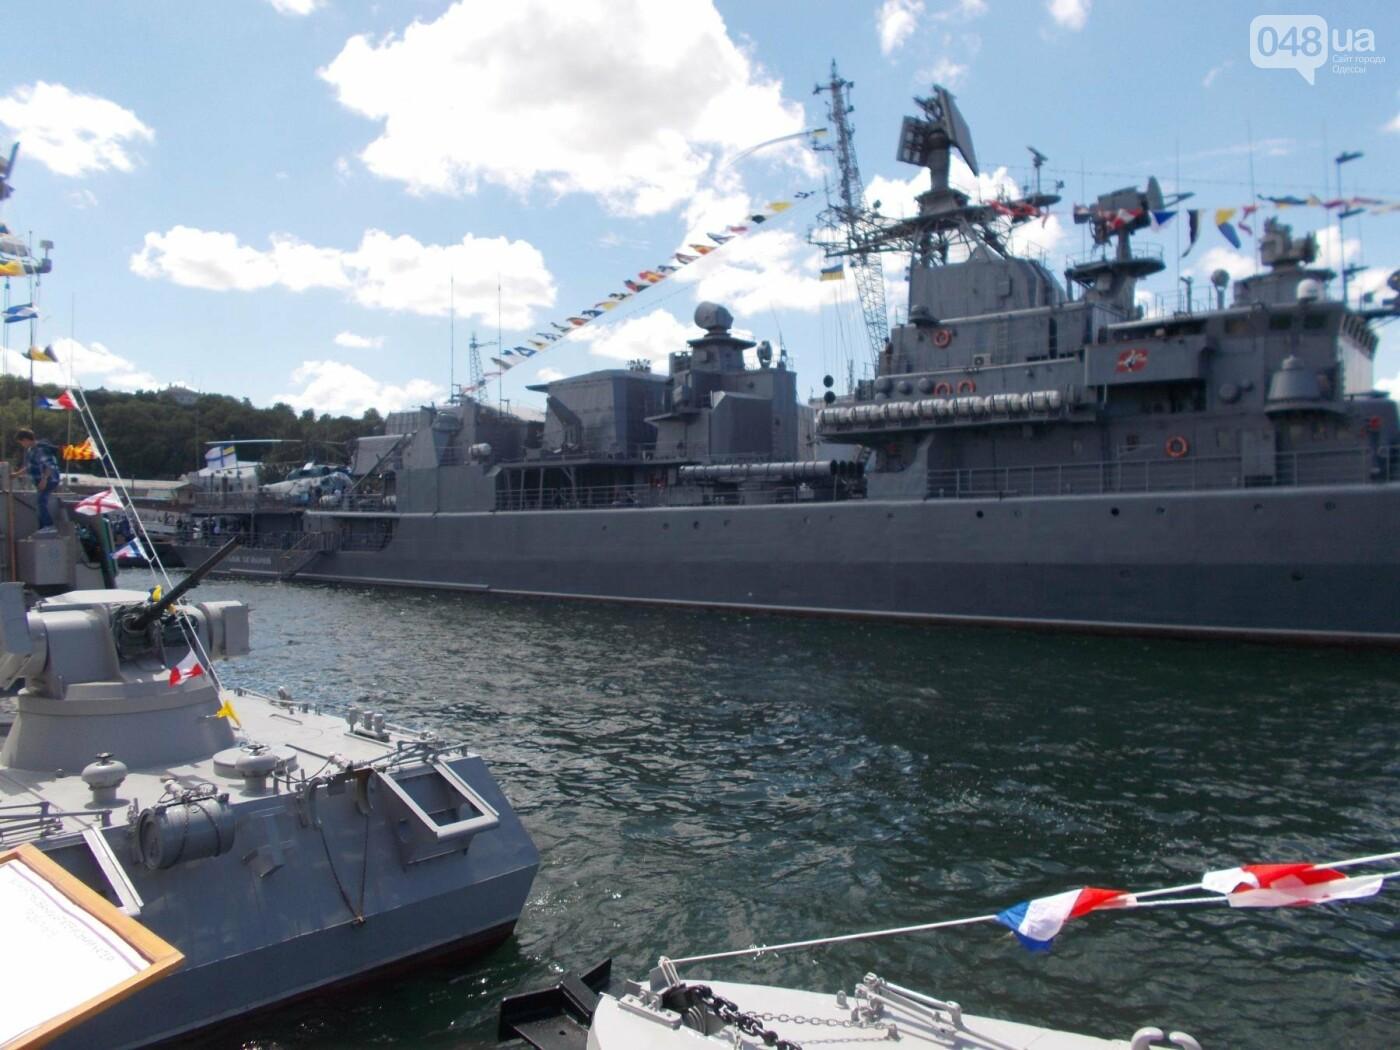 День Военно-морских сил Украины отпраздновали на Одесском морвокзале, - ФОТО , фото-2